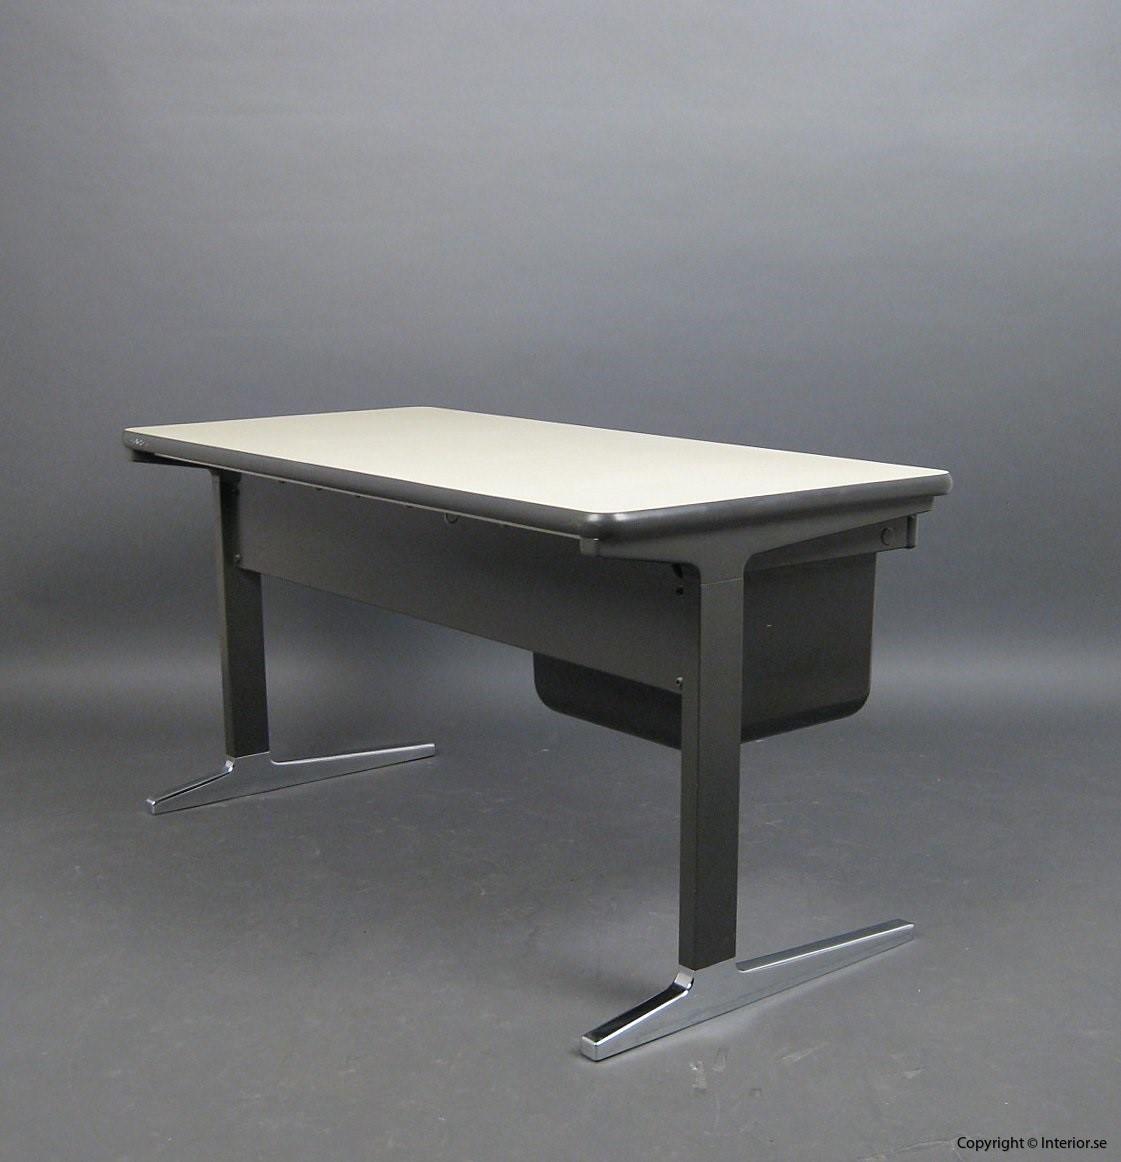 1 Herman Miller George Nelson Action Office Skrivbord Desk Designmöbler design furniture (3)